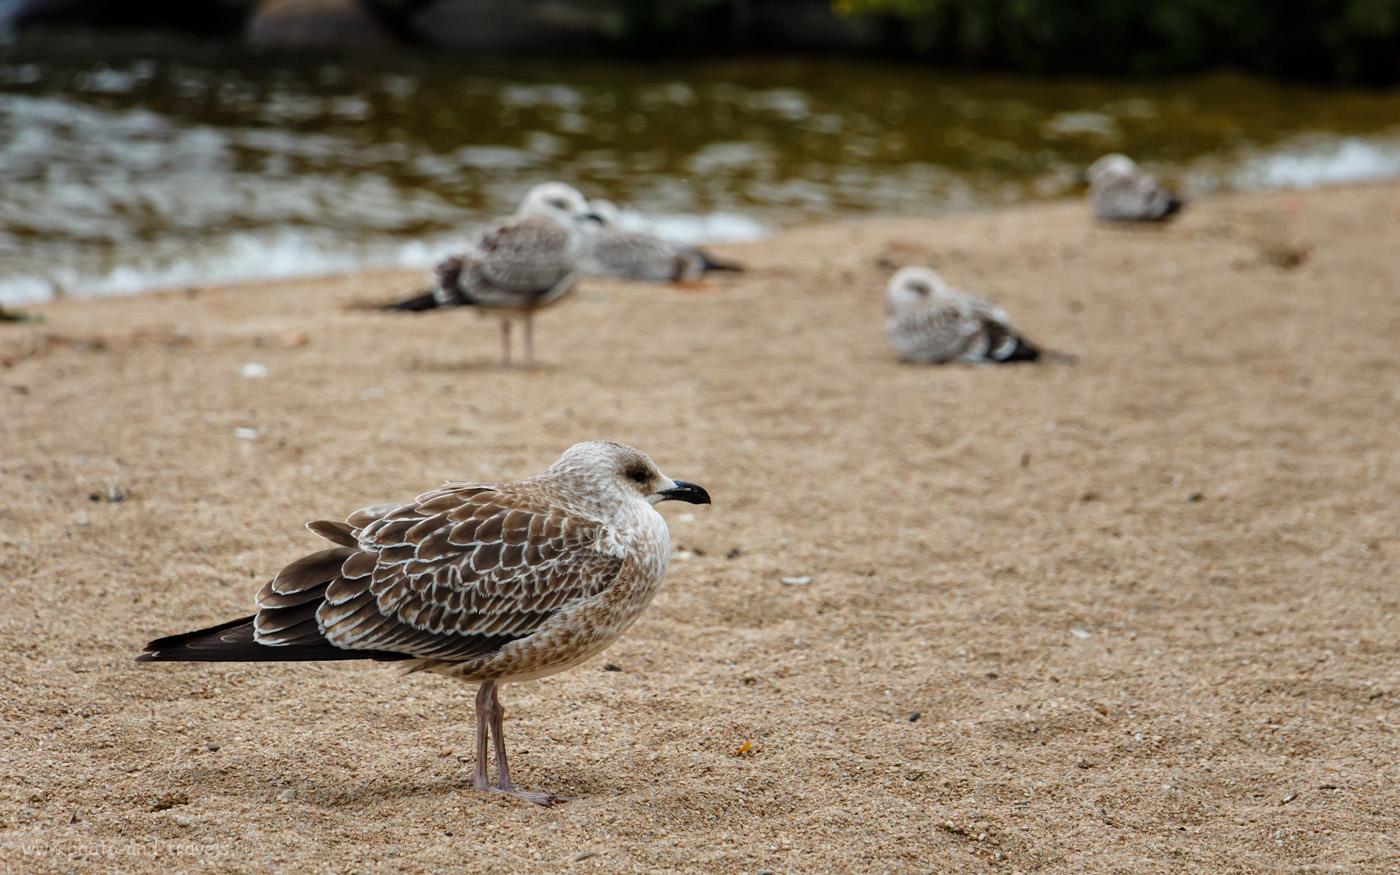 Фото 36. Скучающие по туристам чайки на озере Боровое. Как мы отдохнули в Казахстане. Отчет о поездке в Бурабай. 1/800, +0.33, 5.6, 400, 135.